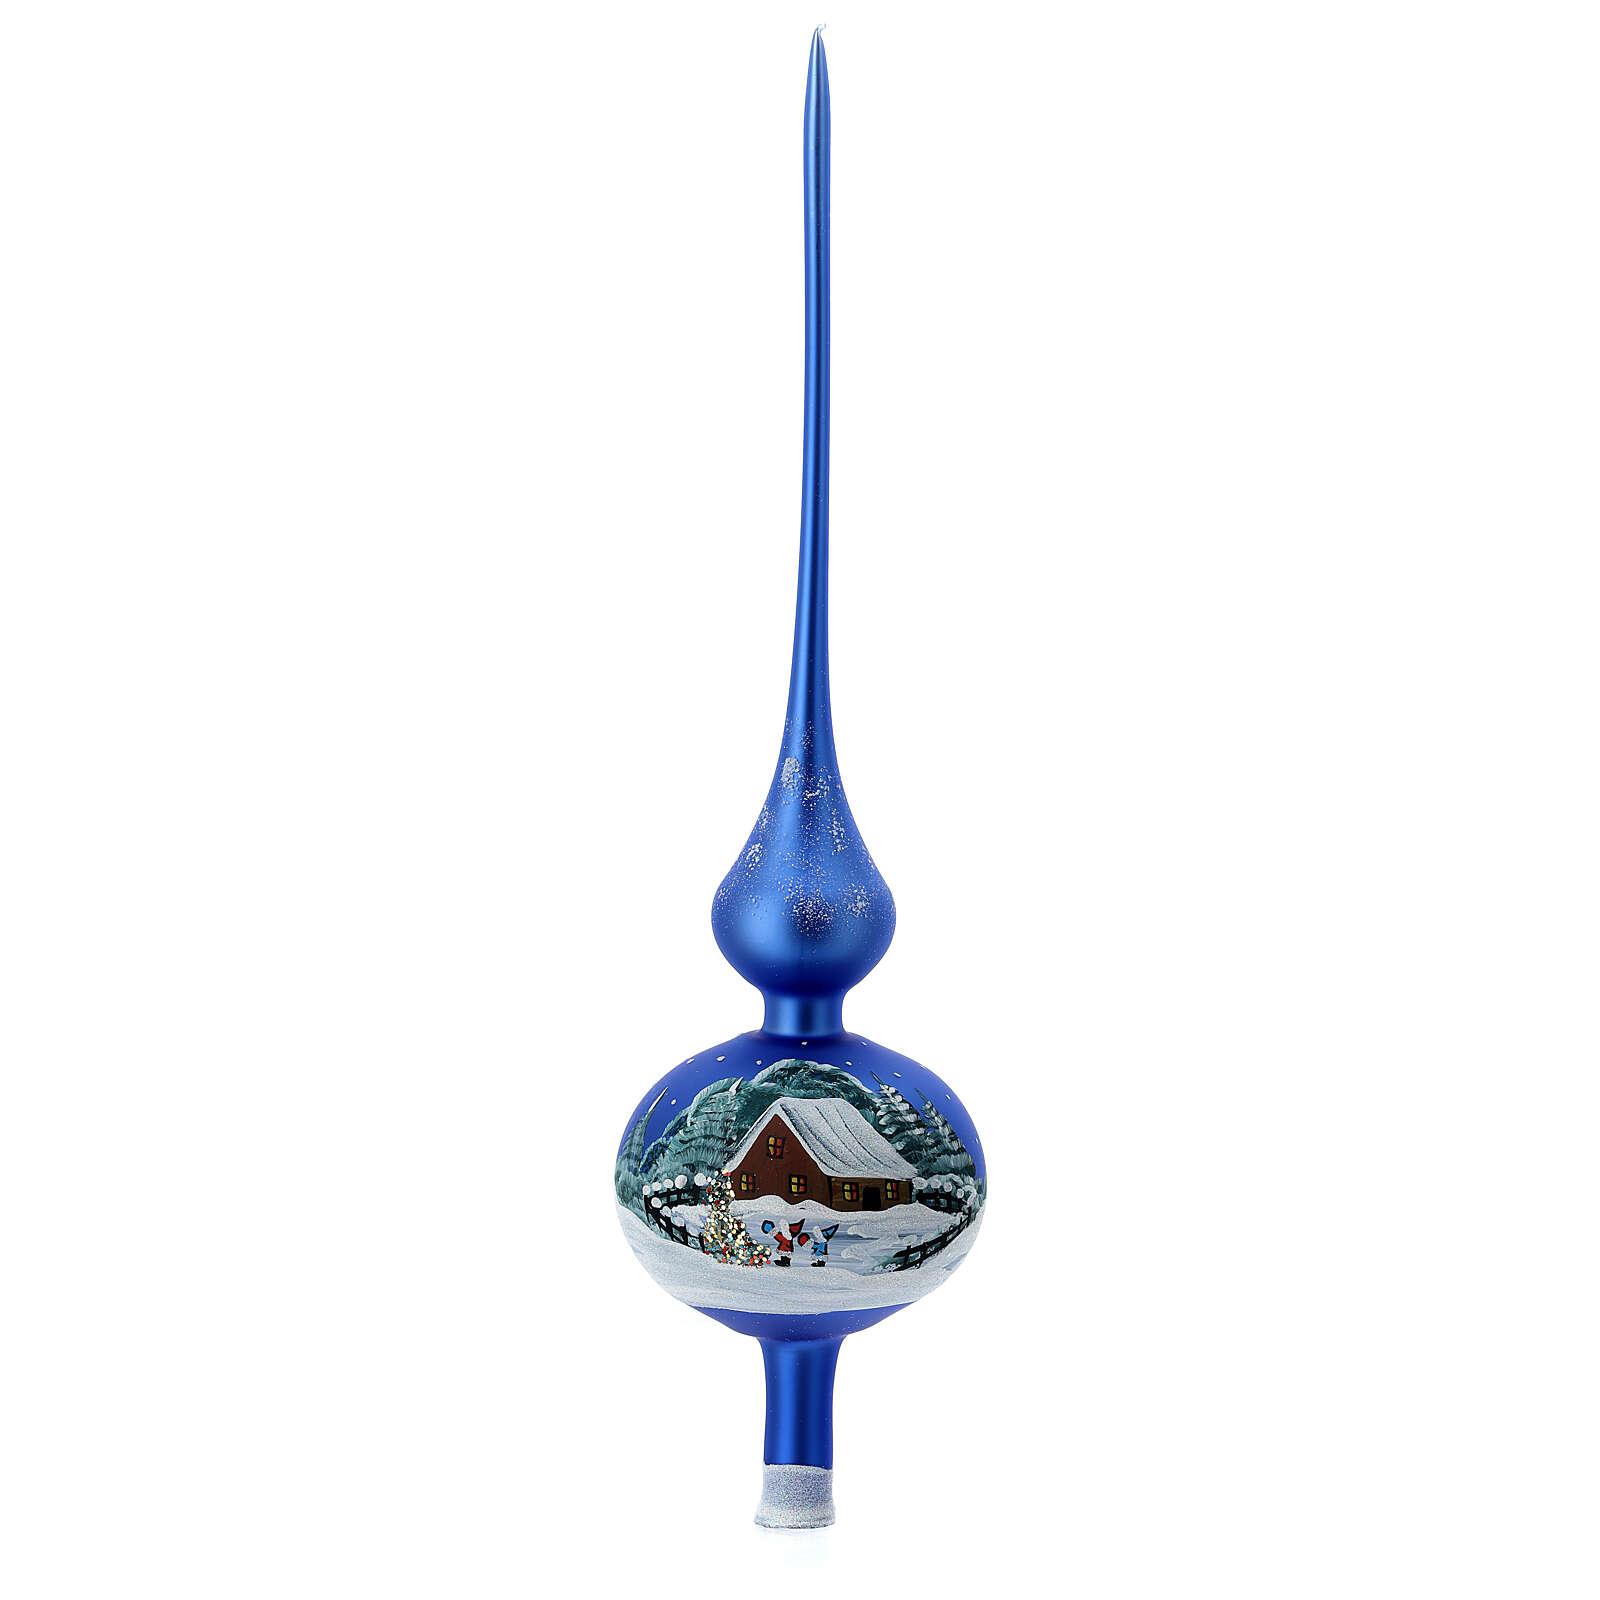 Cimier pour sapin bleu clair maisons enneigées verre soufflé 35 cm 4